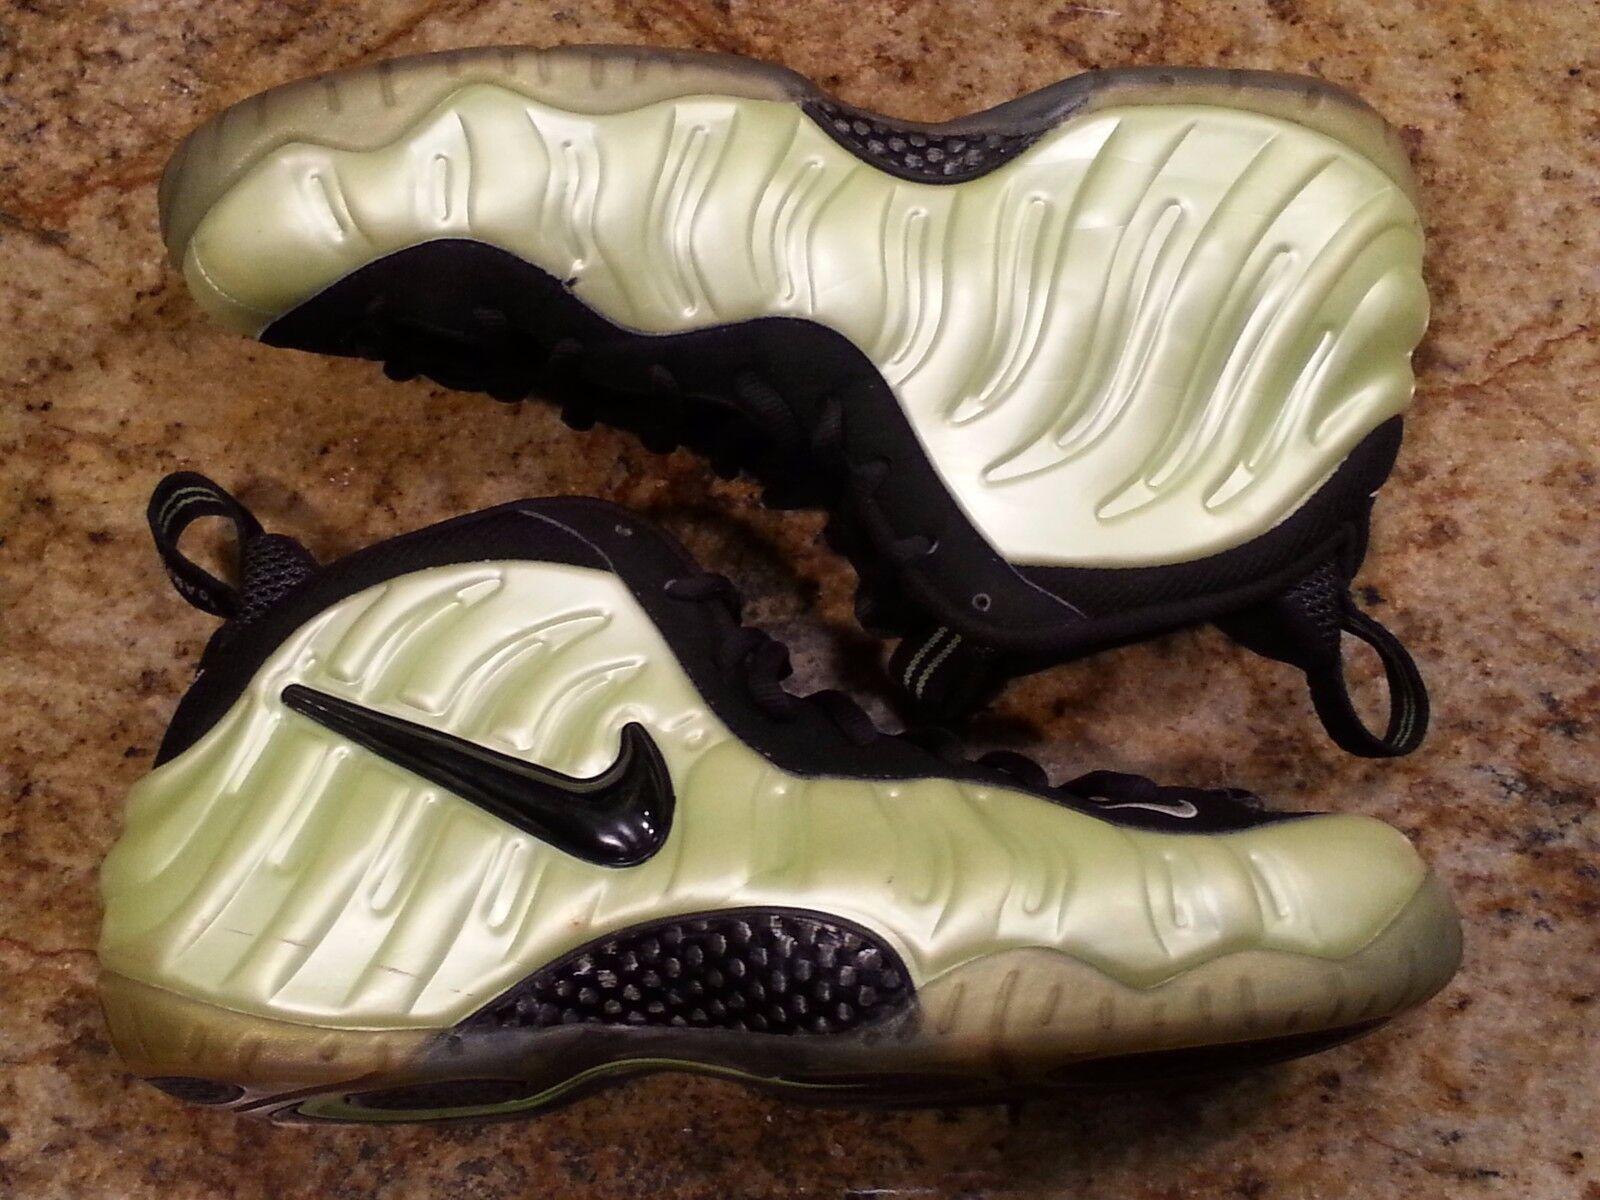 Nike Foamposite Electric Green Black Size 13. 624041-300 jordan penny